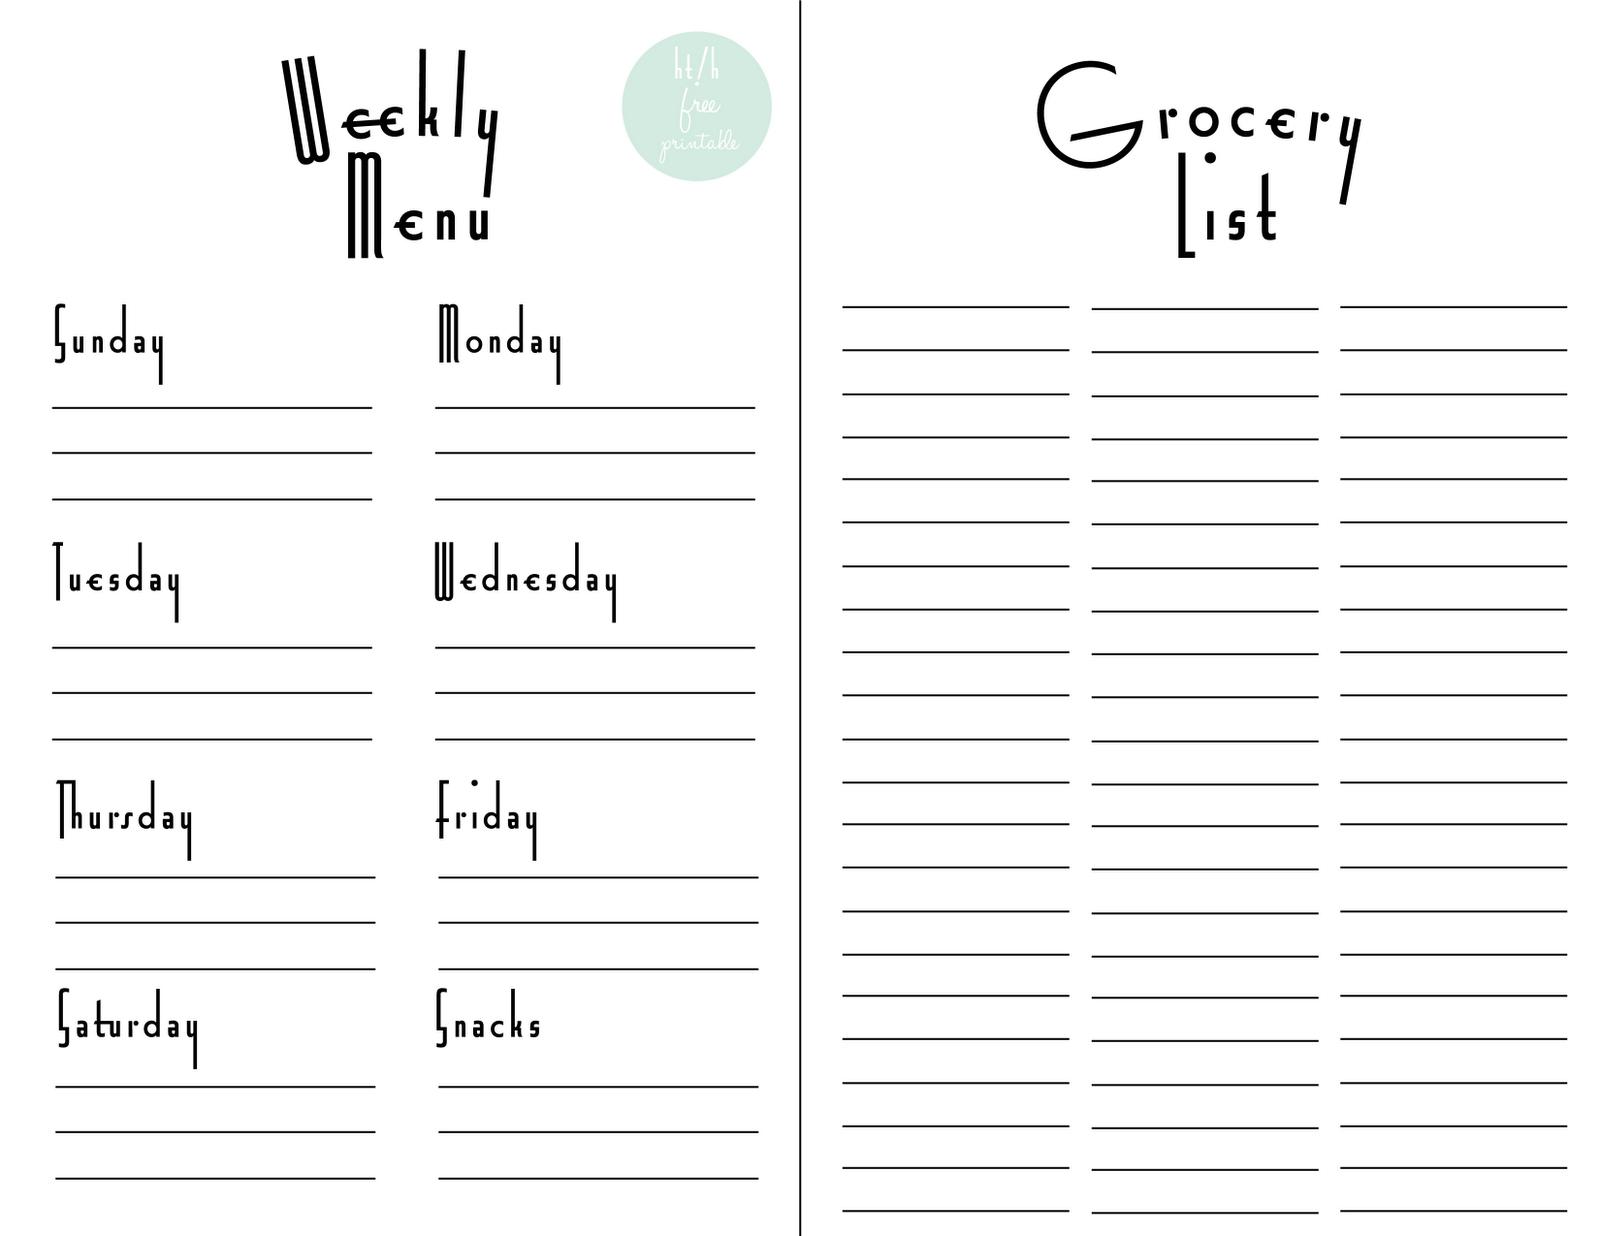 Weekly Menu Planner & Grocery List Free Printable | For The Home - Free Printable Grocery List And Meal Planner